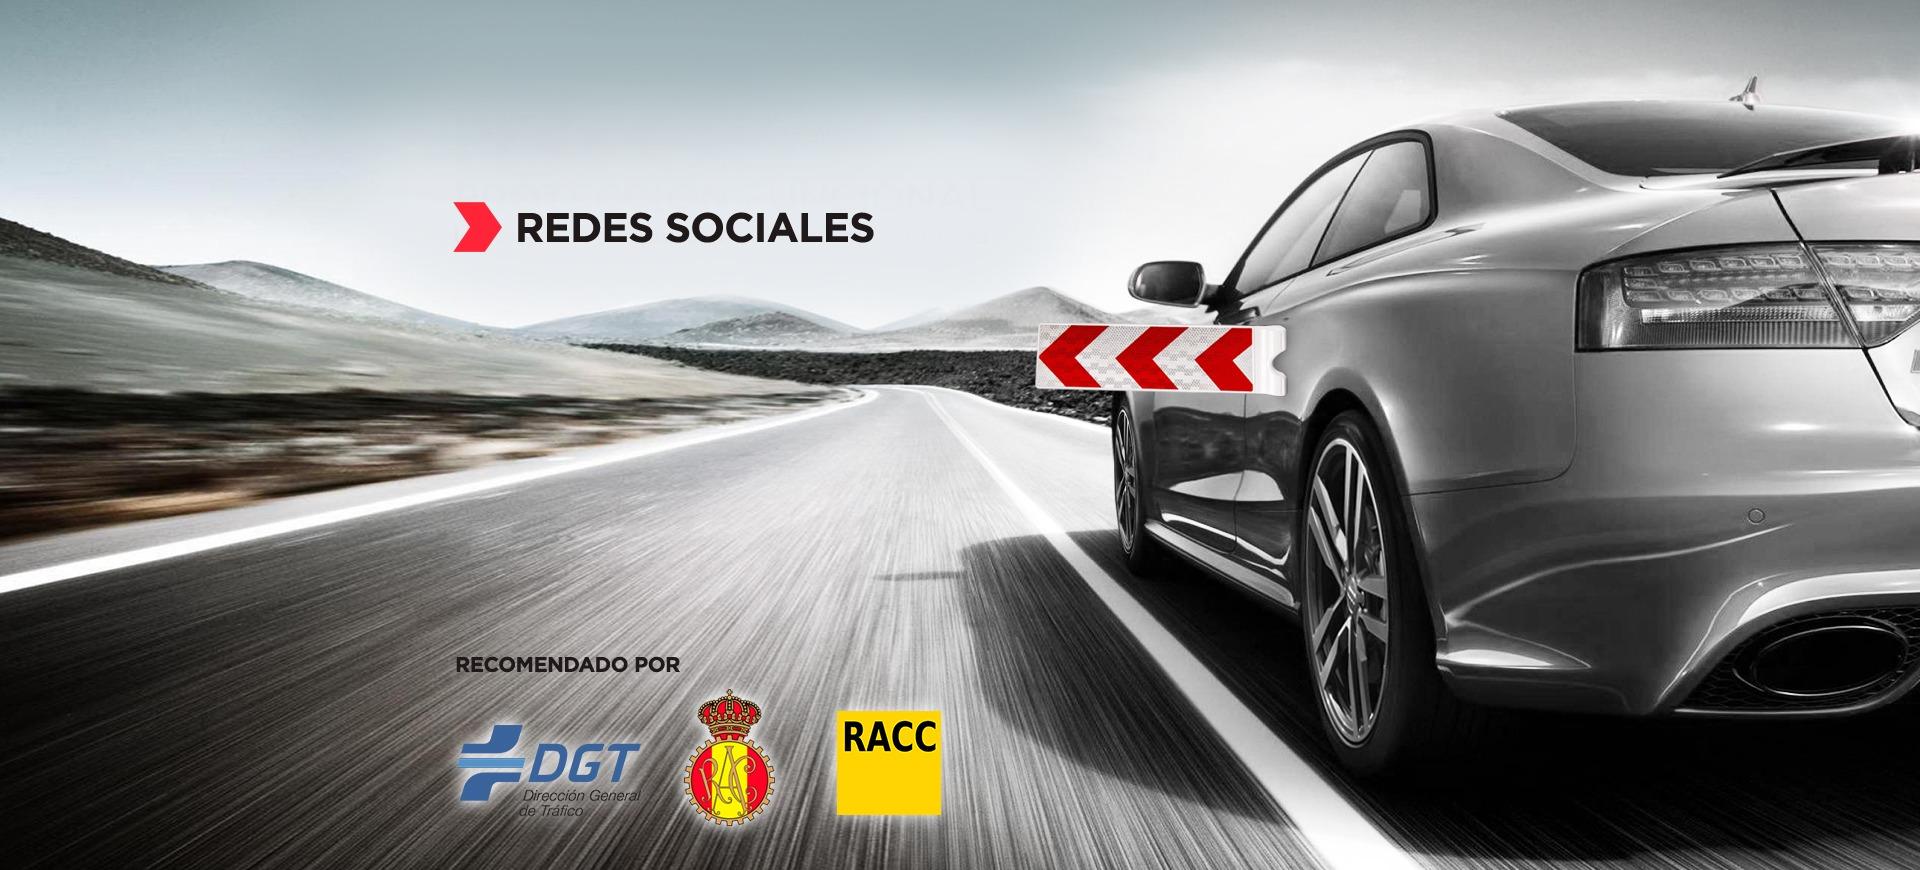 cab-redes-sociales